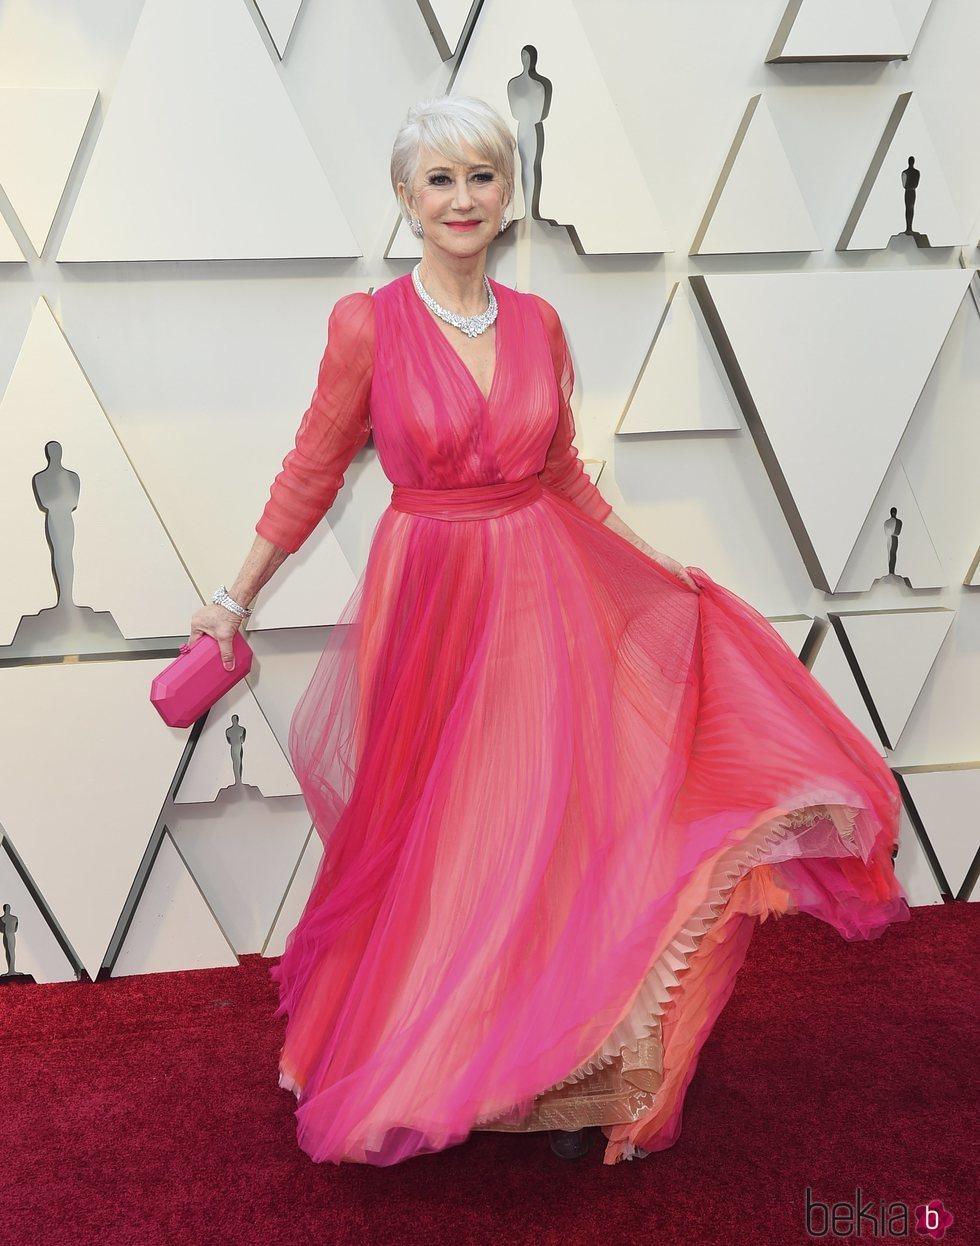 Helen Mirren en la alfombra roja de los Premios Oscar 2019